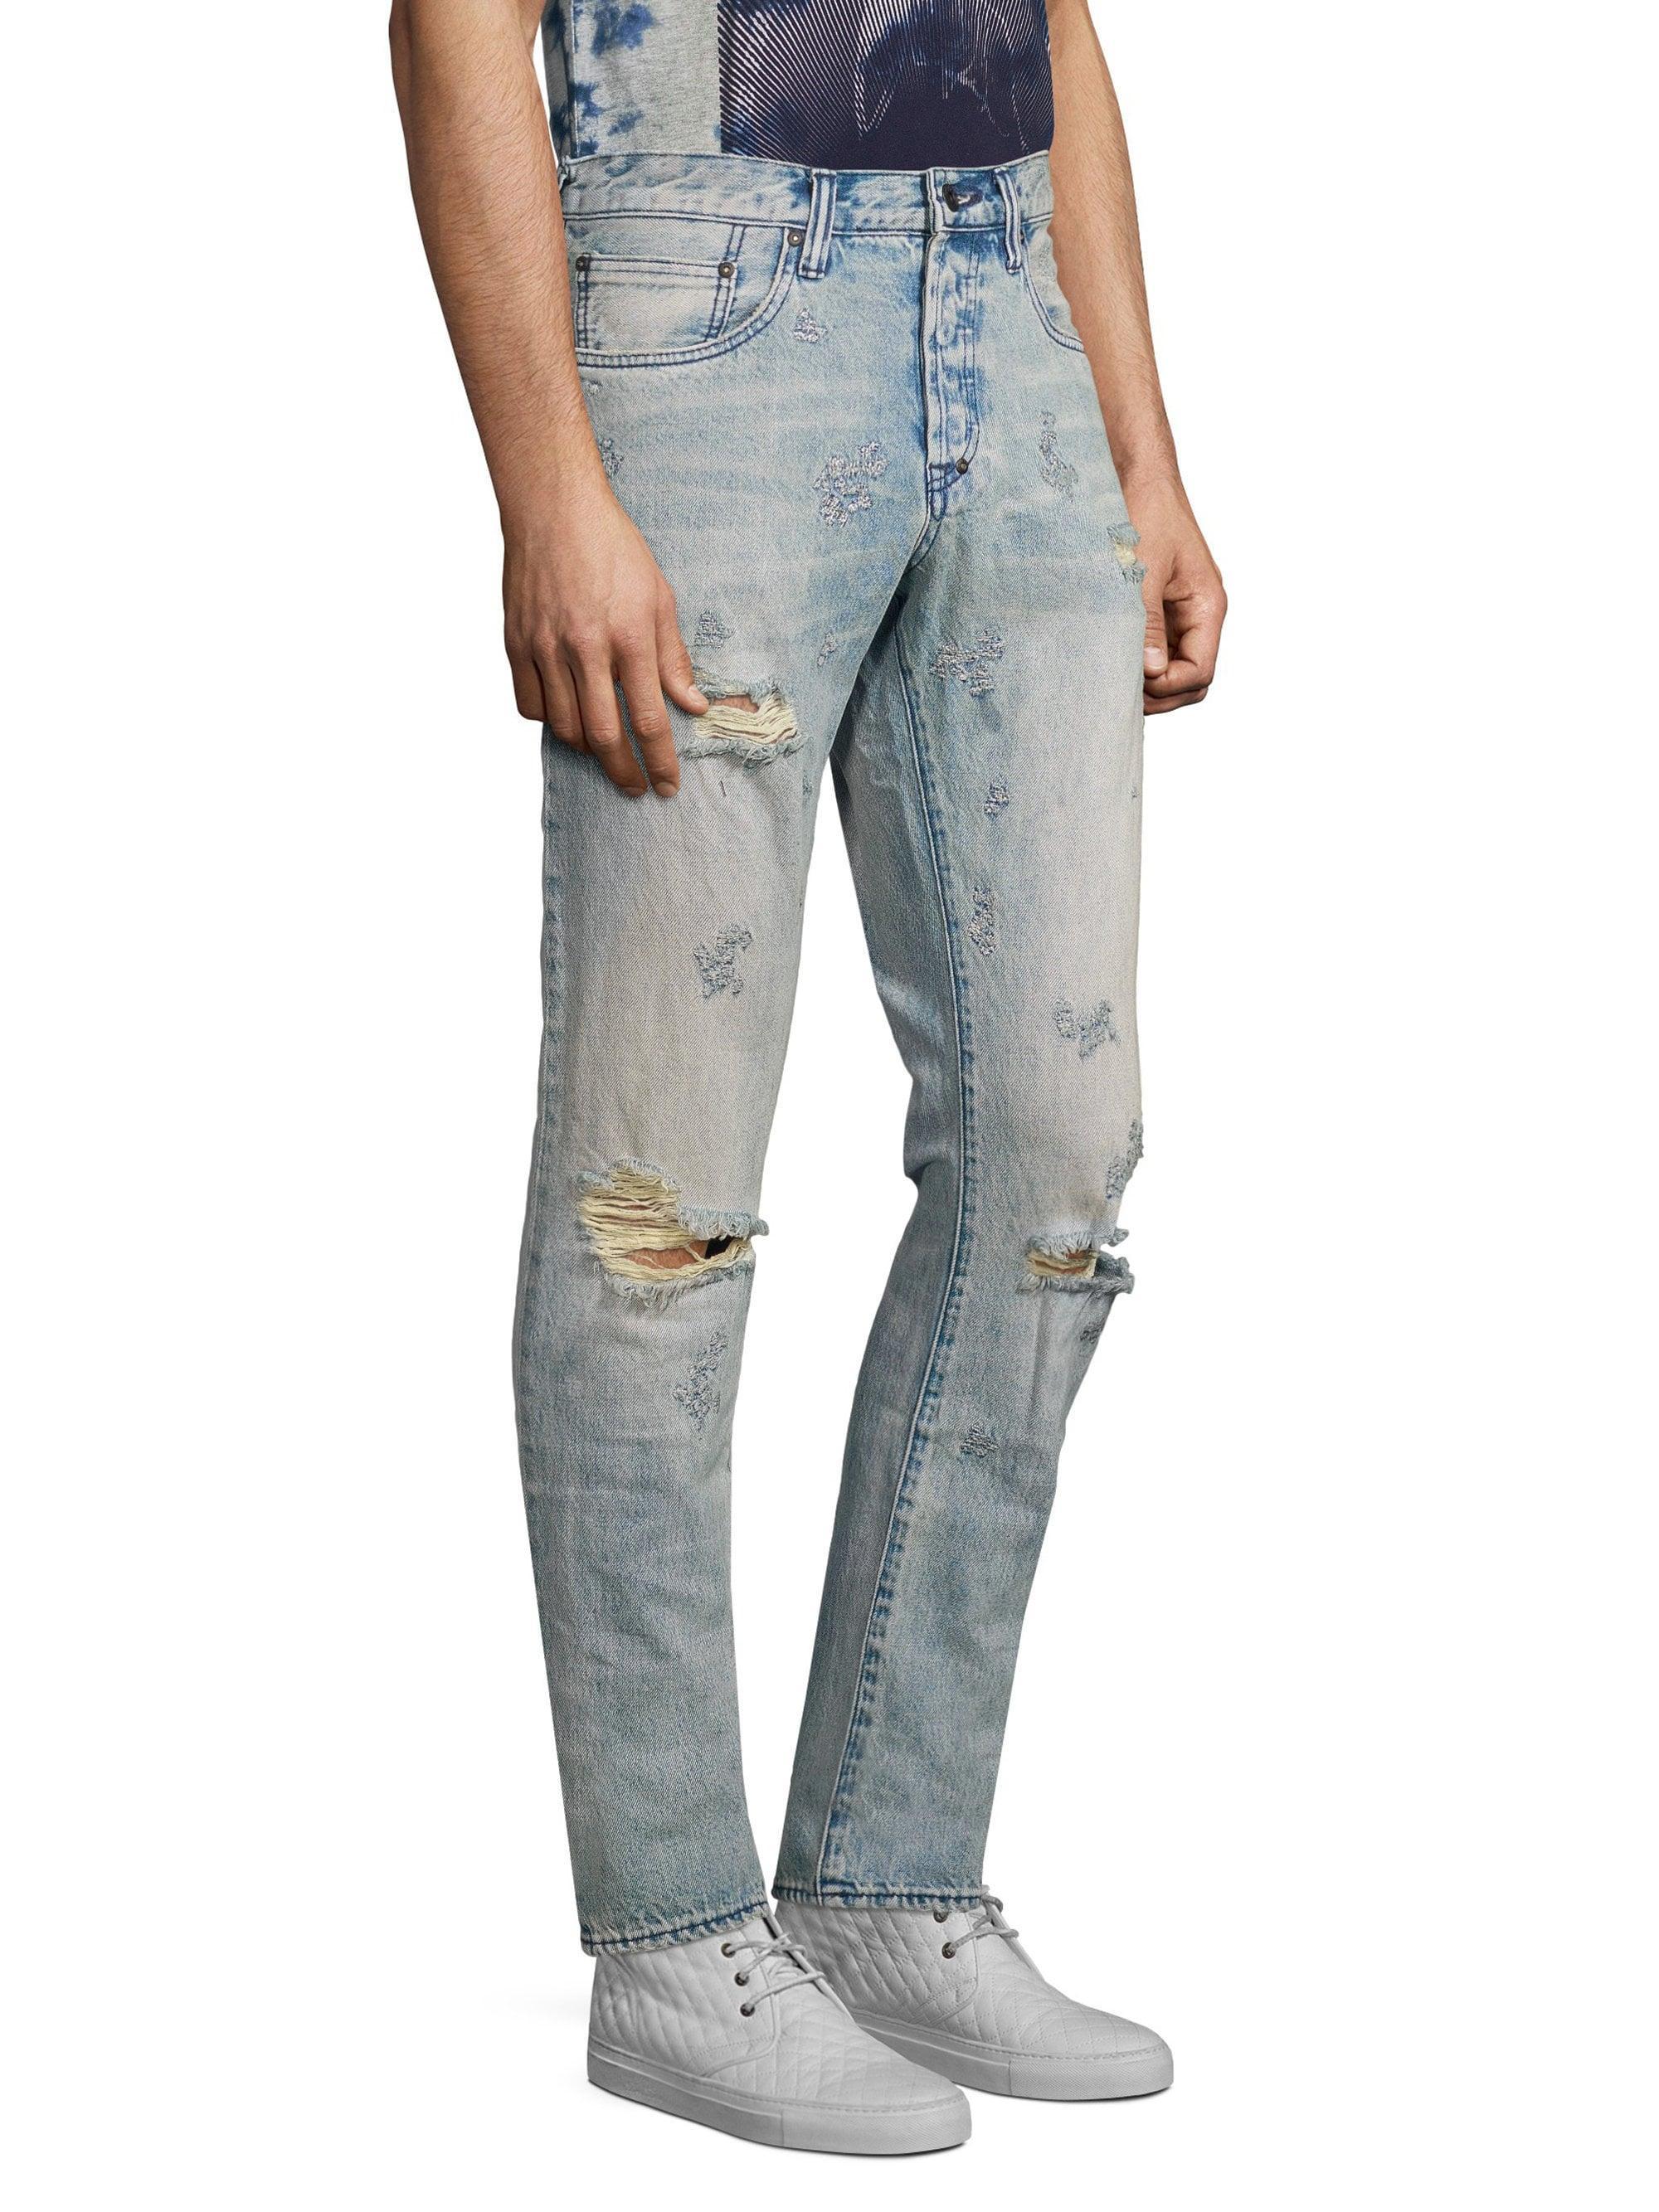 d9148b9da70 Lyst - PRPS Men s Enchanted Le Sabre Distressed Jeans - Indigo Blue ...